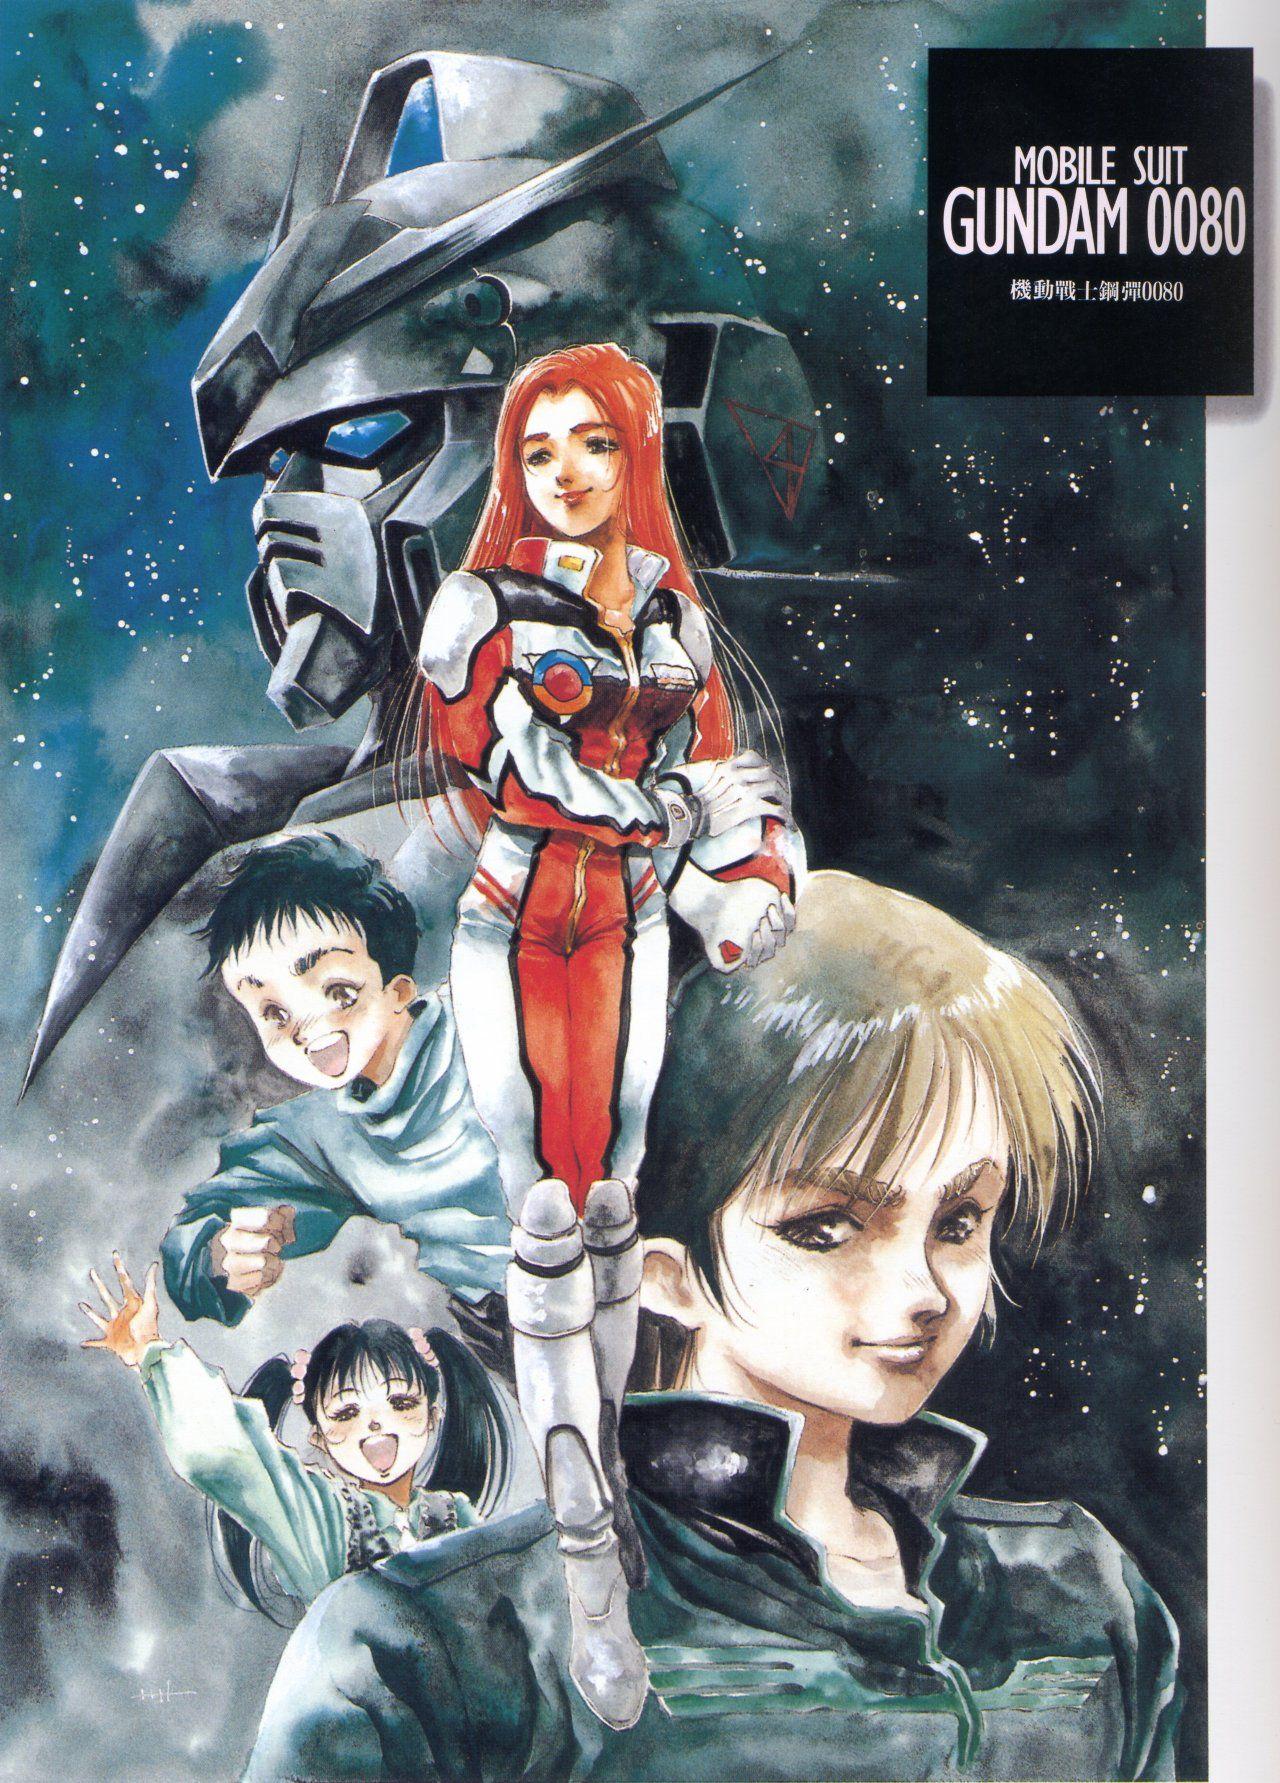 Imagen promocional de 'Mobile Suit Gundam'.